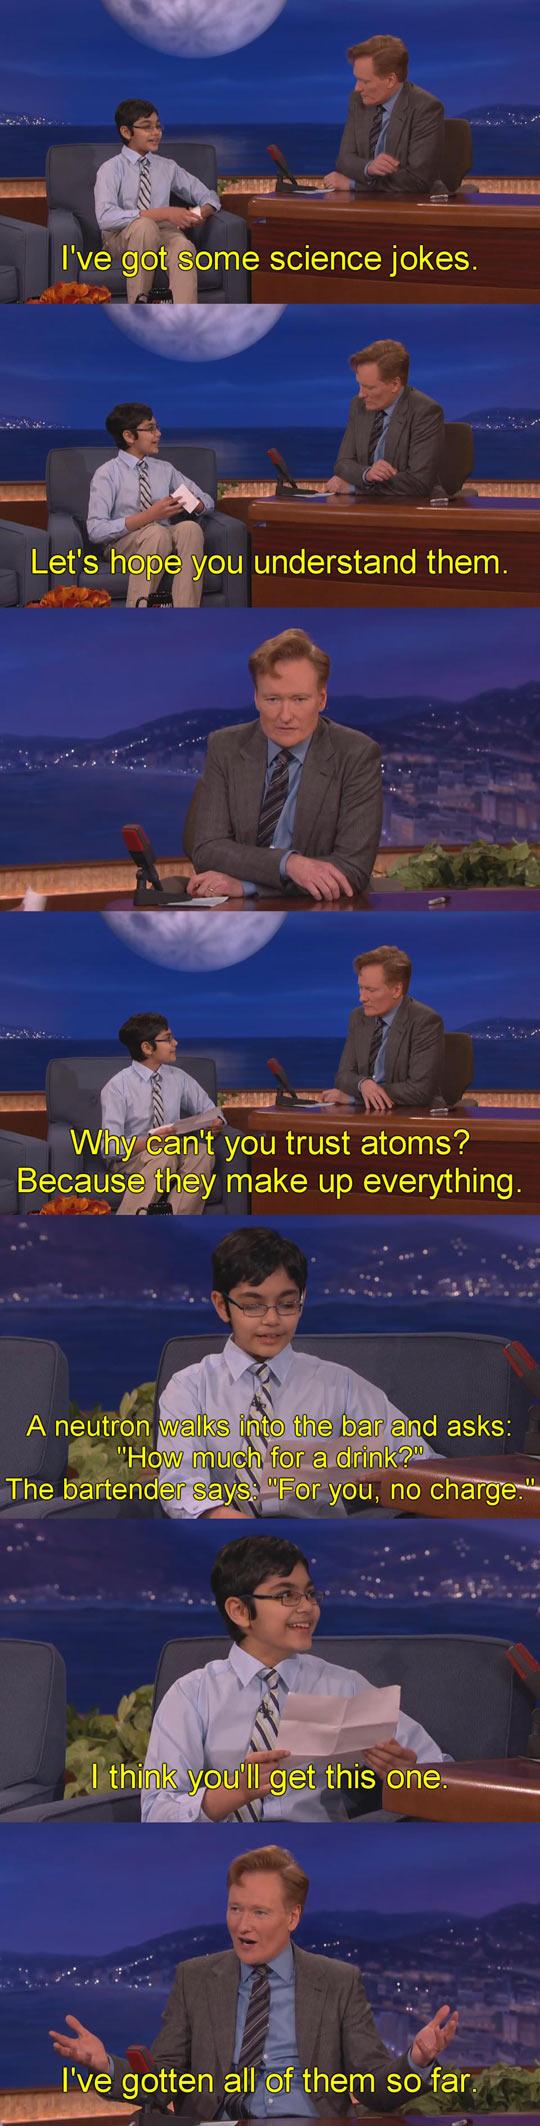 Conan Vs. Science Jokes